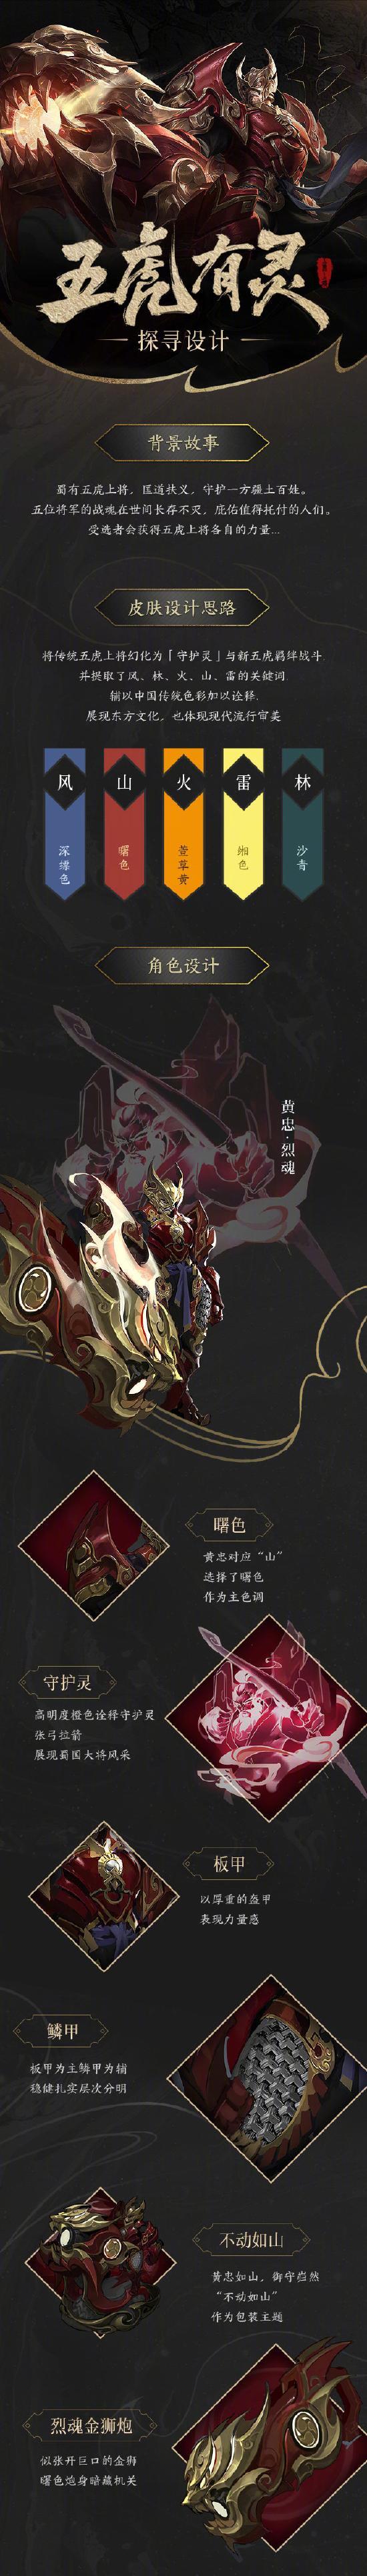 【爆料】黄忠·烈魂五虎上将皮肤新鲜出炉,是时候来发炸裂的开场了!